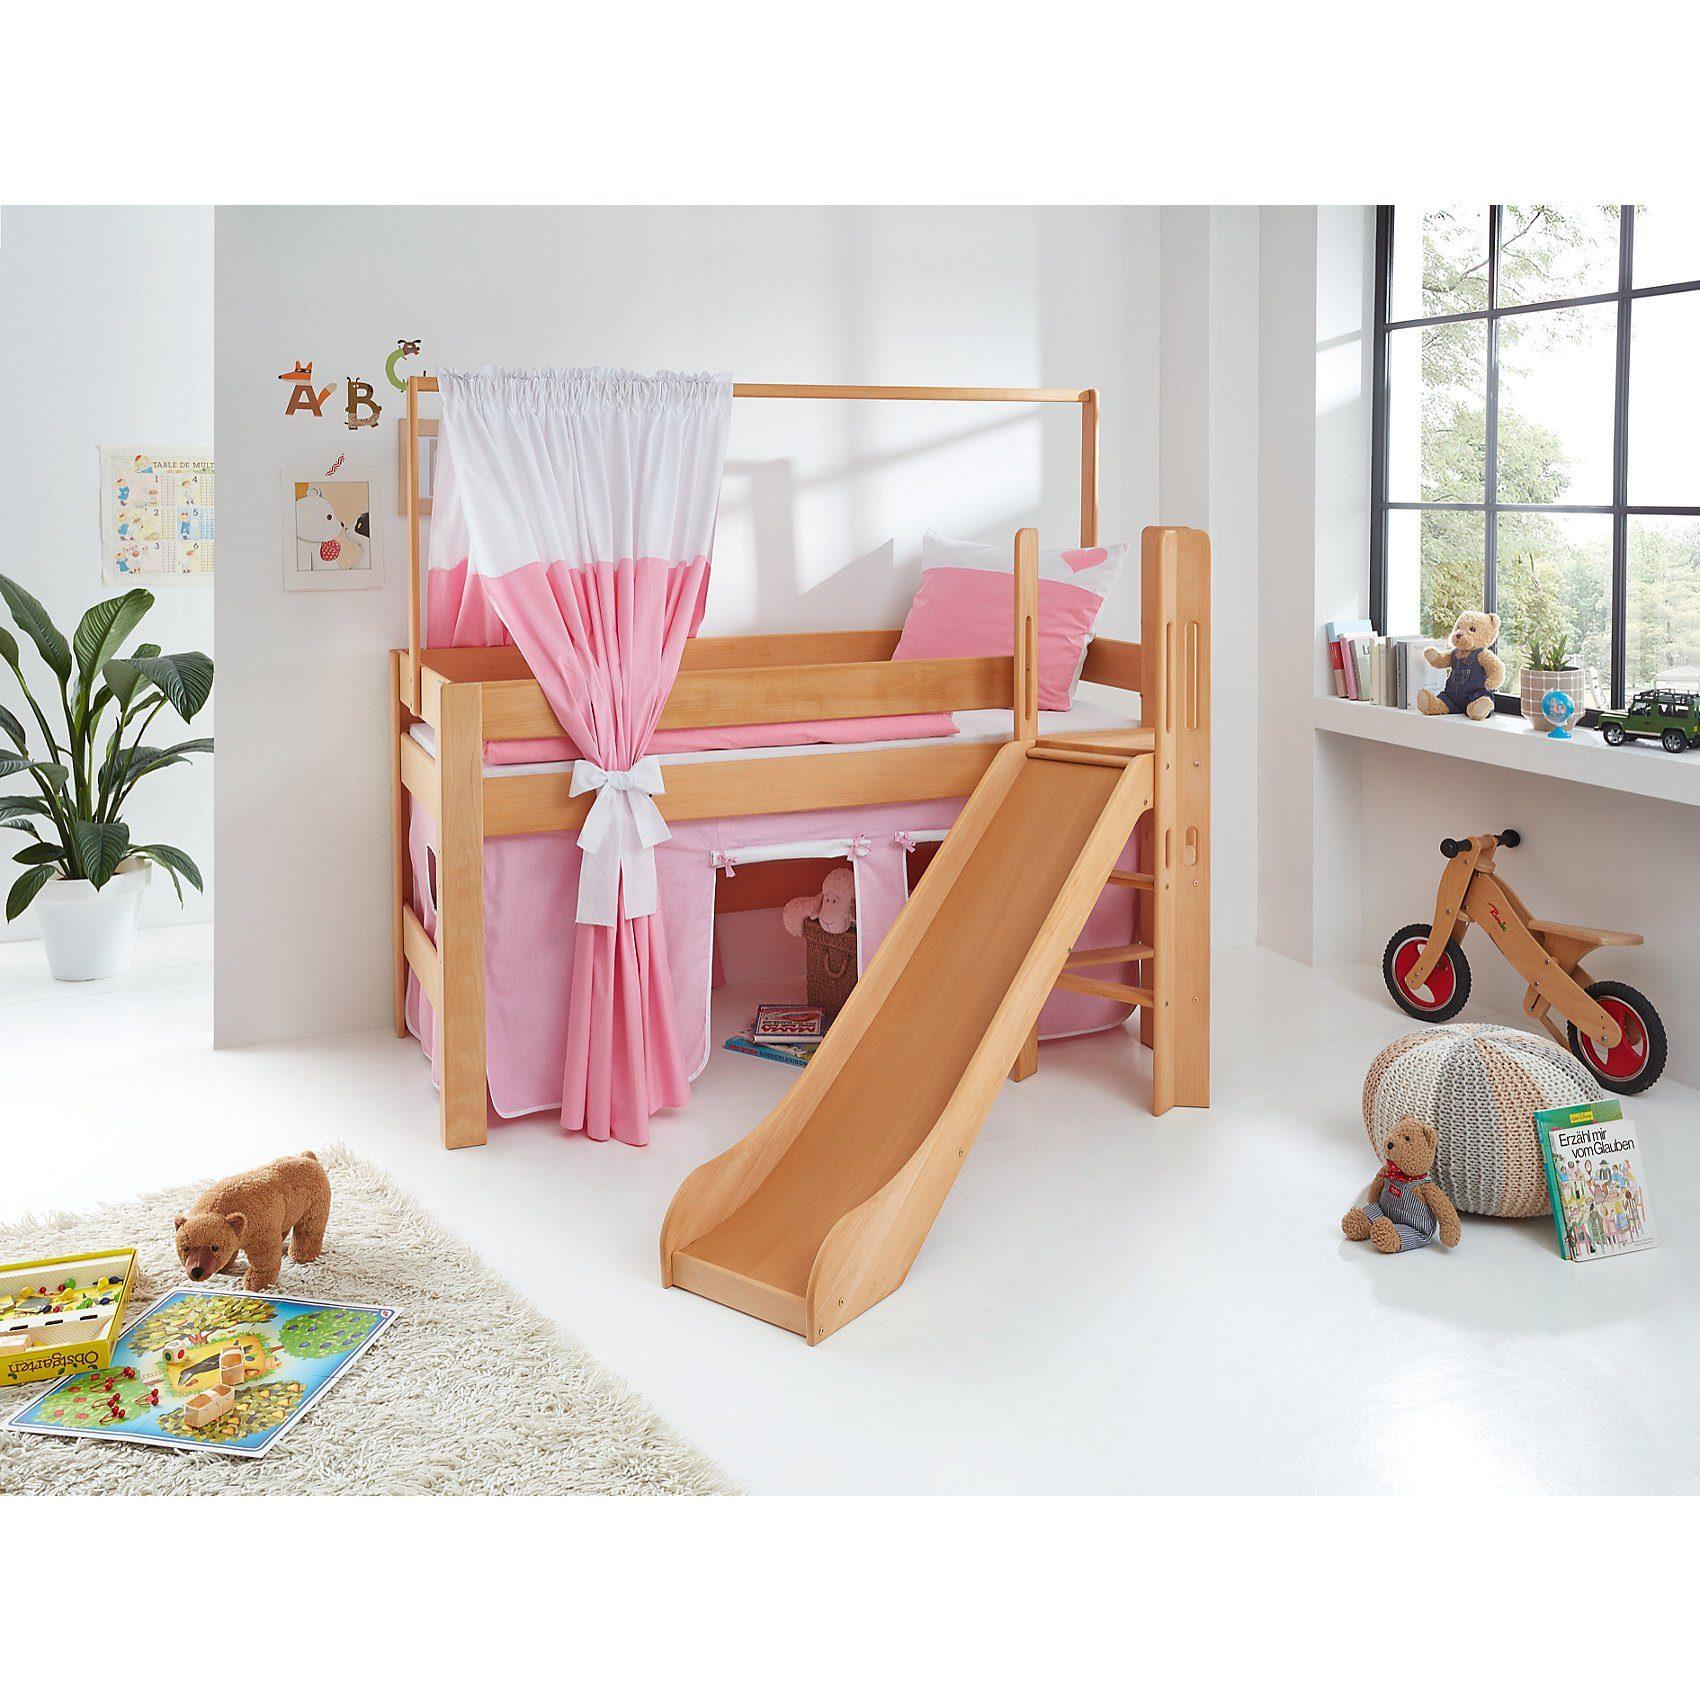 Relita Zeltstoffset für Spielbett LEO, Herz, rosa/weiß